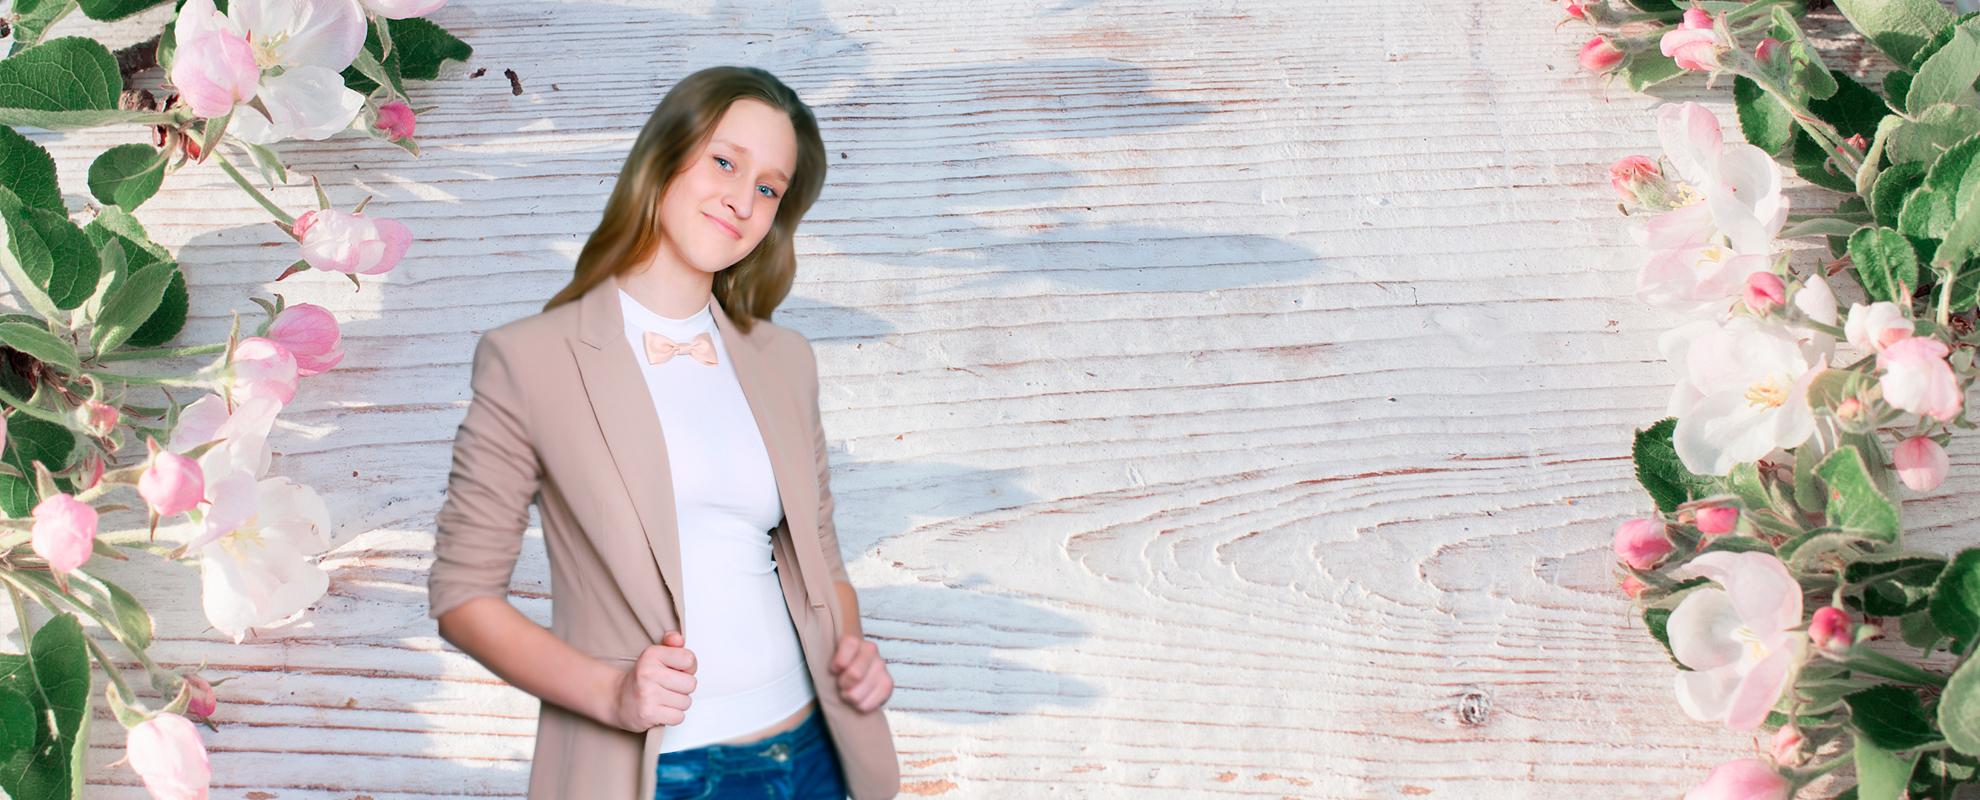 Женская одежда оптом - Добрые вещи